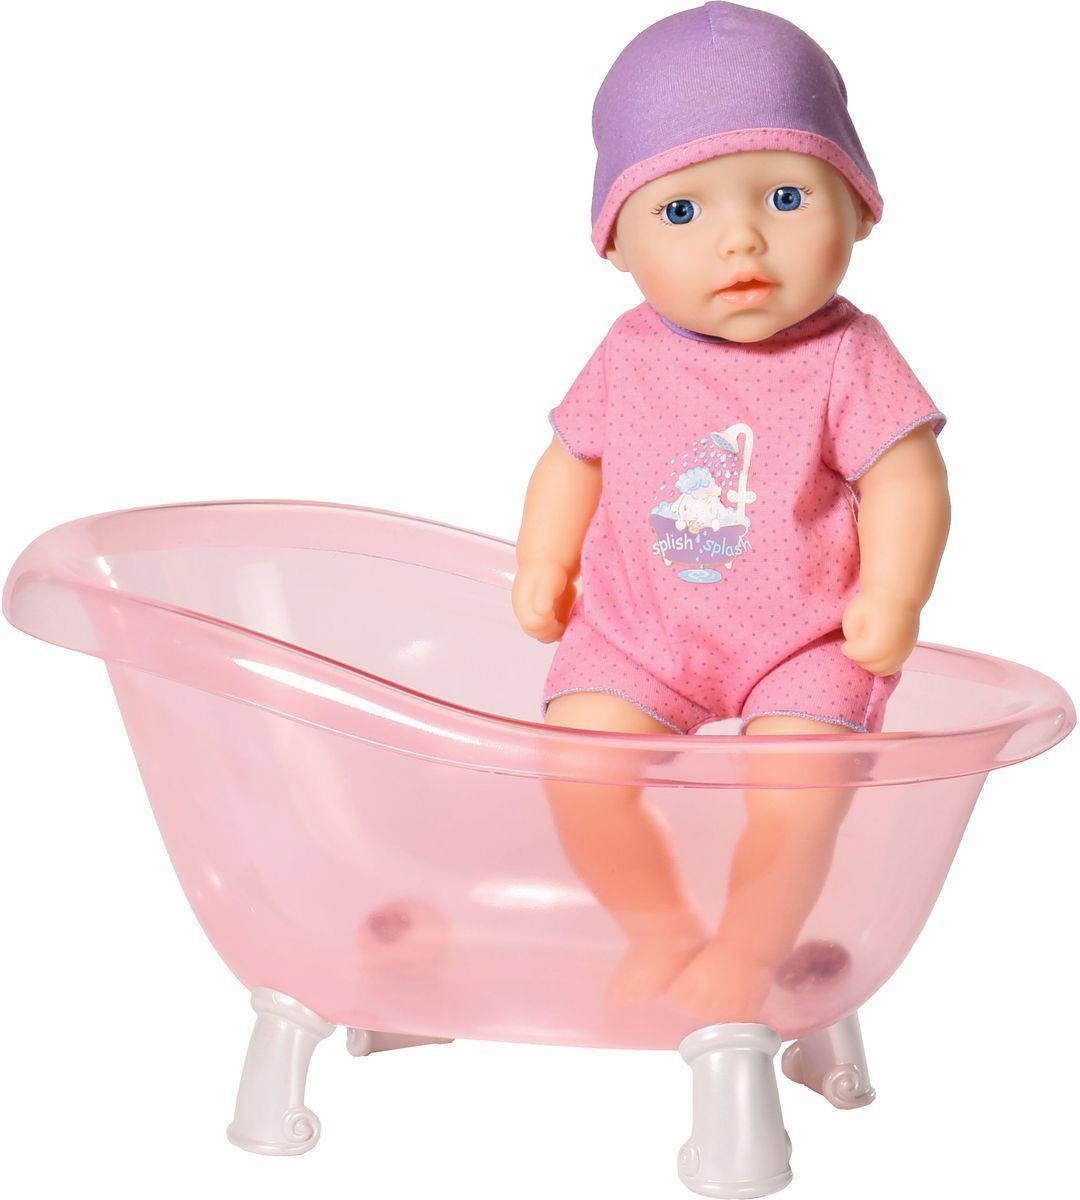 Кукла My first Baby Annabell с ванночкой, 30 смКуклы-пупсы Baby Annabell<br>Кукла My first Baby Annabell с ванночкой, 30 см<br>